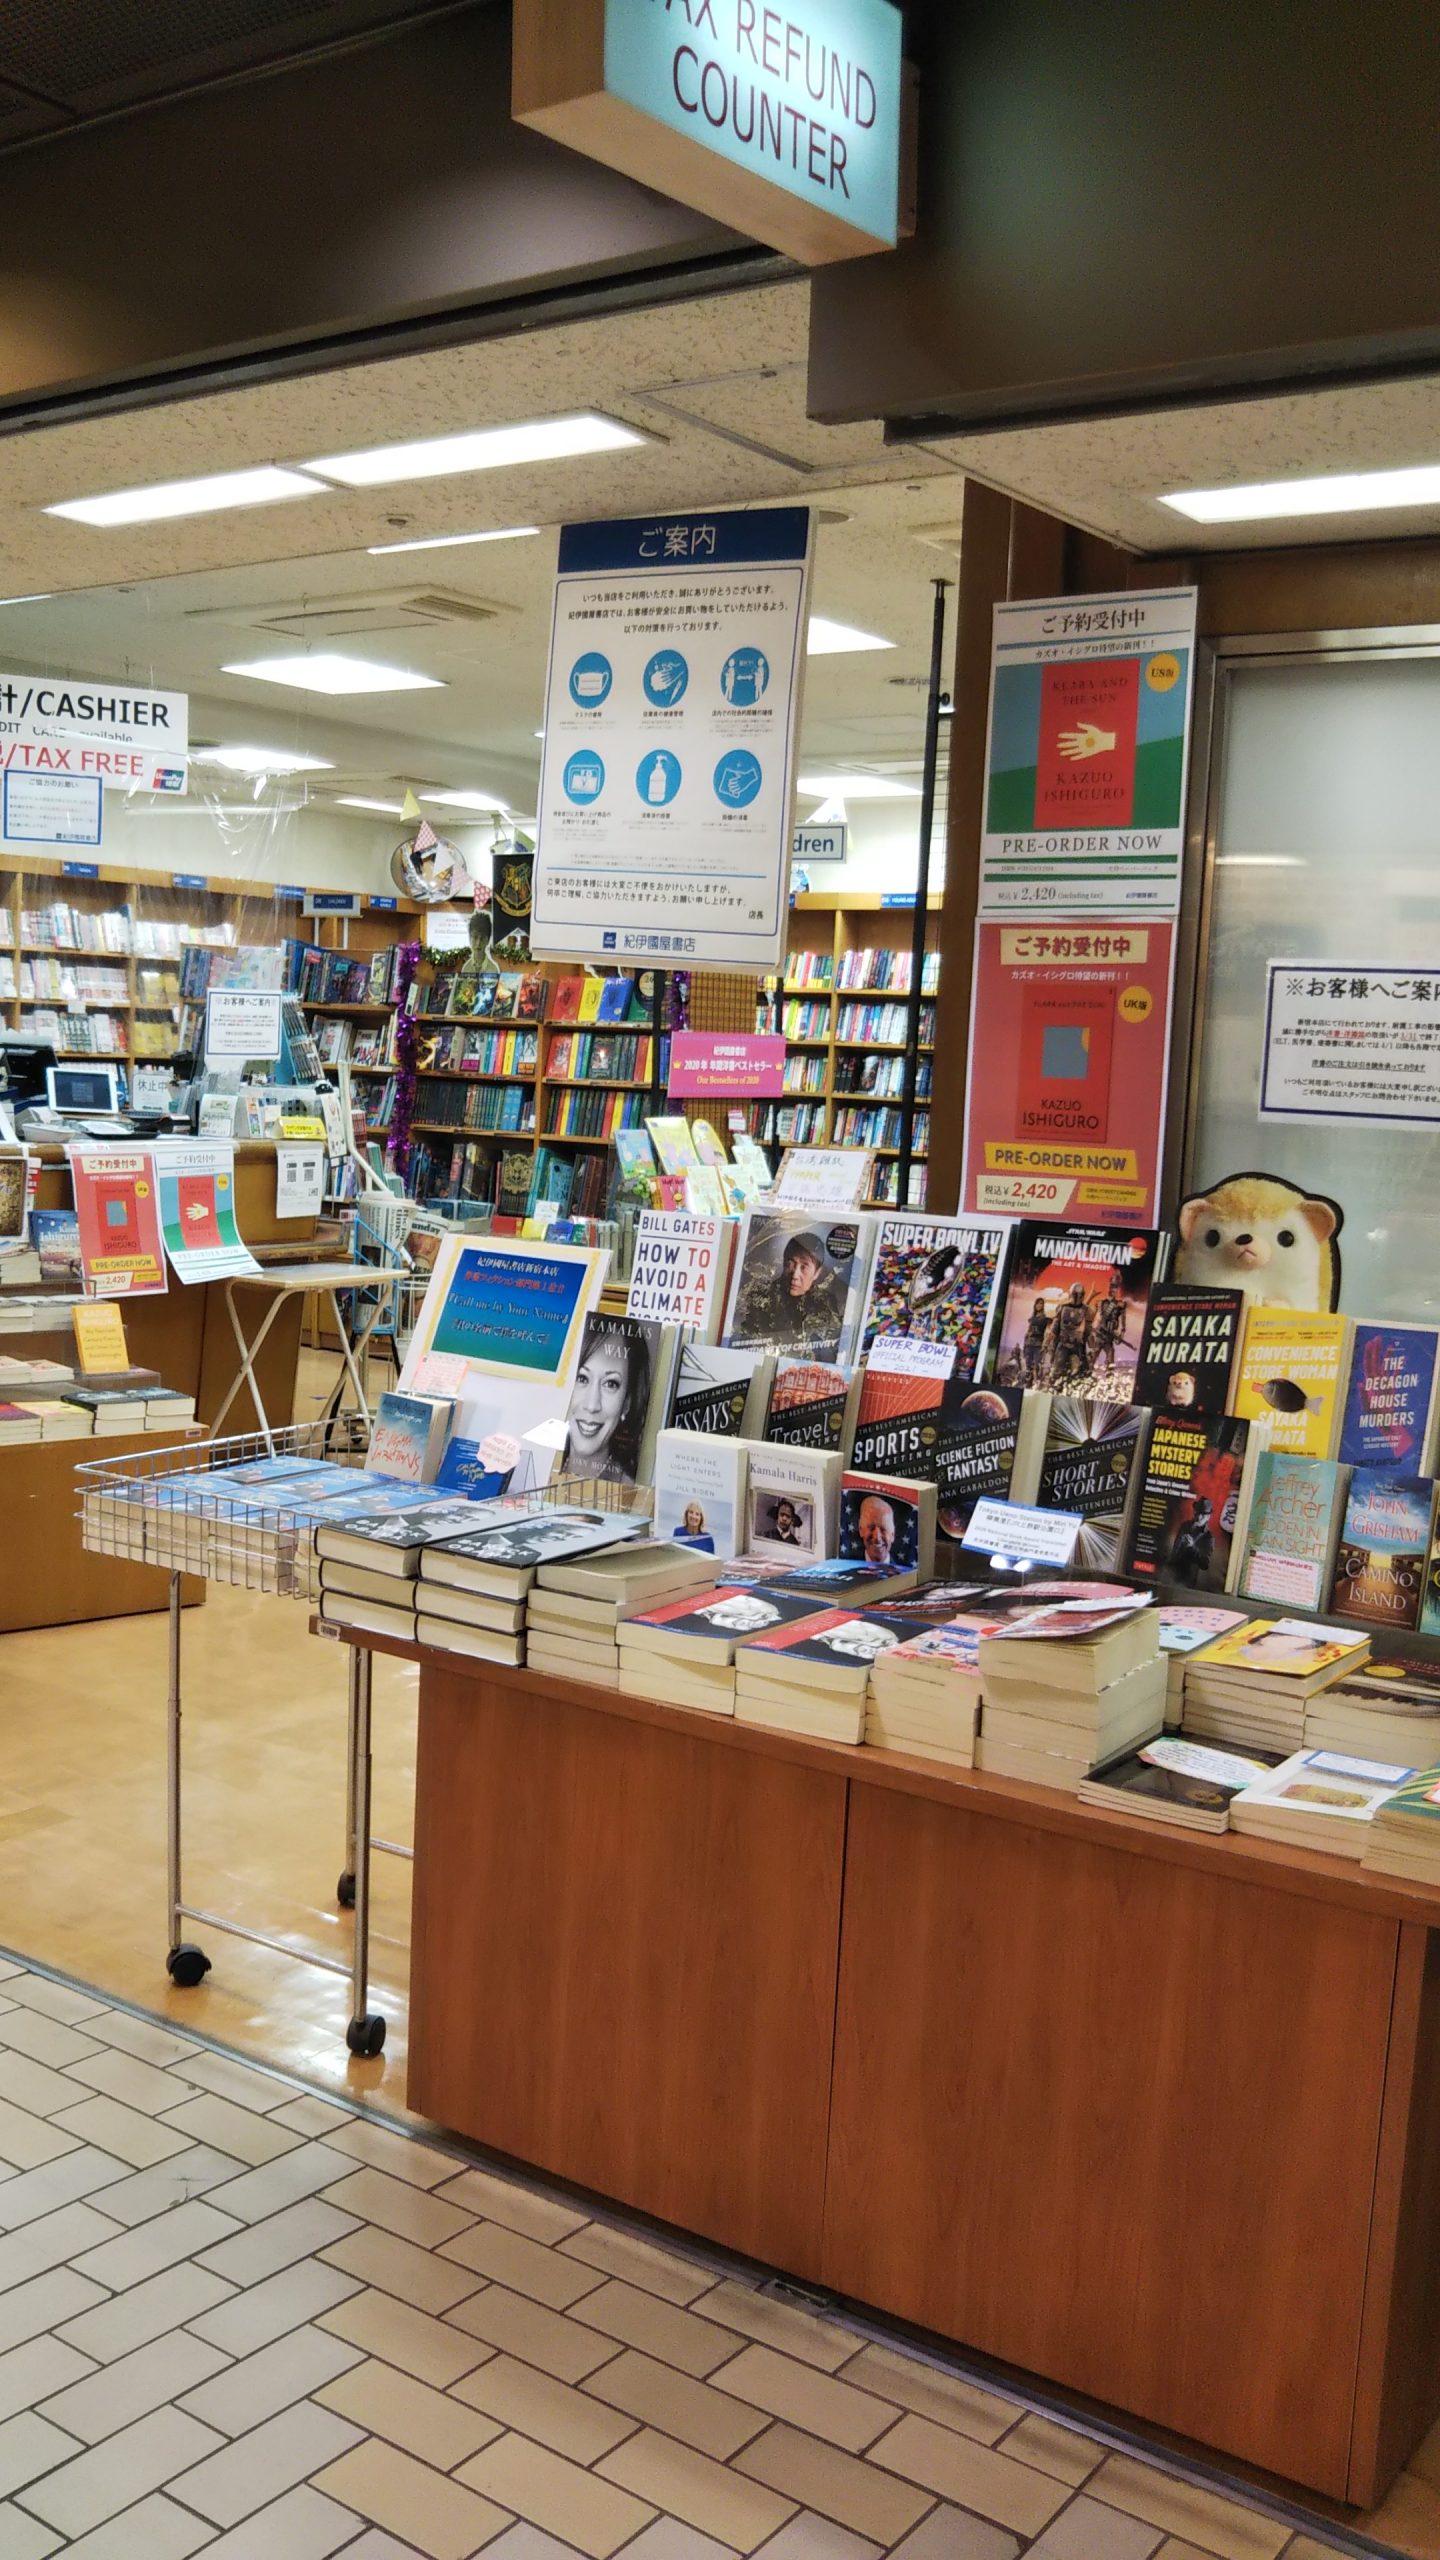 紀伊國屋書店:【重要】1階C zone(洋書売場)営業終了のお知らせ